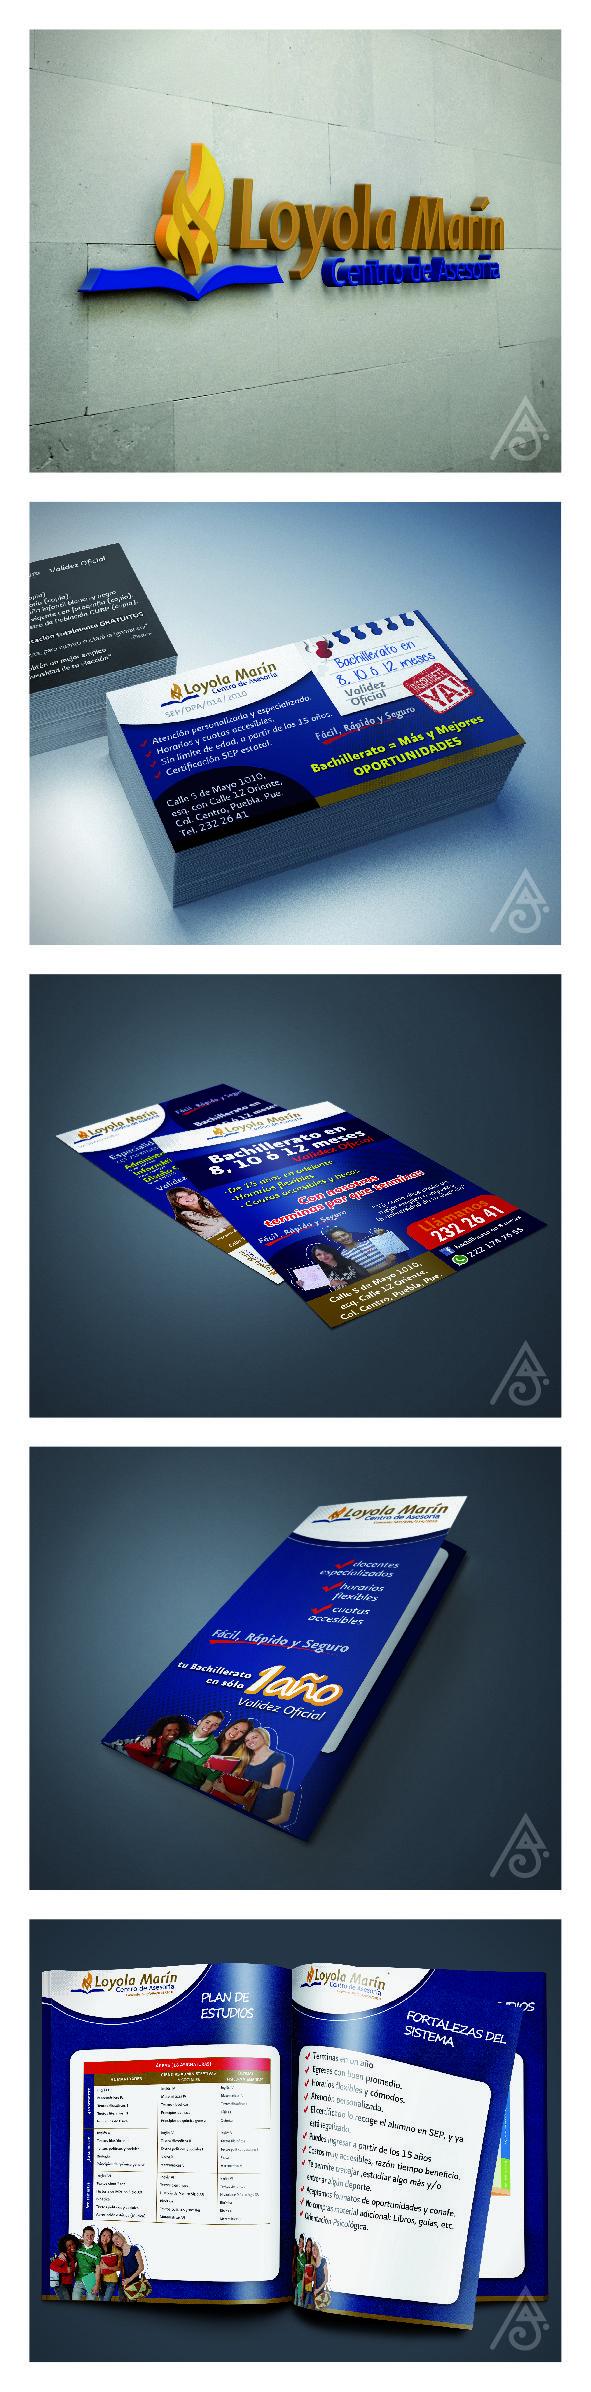 Diseño de Identidad Visual para preparatoria abierta.